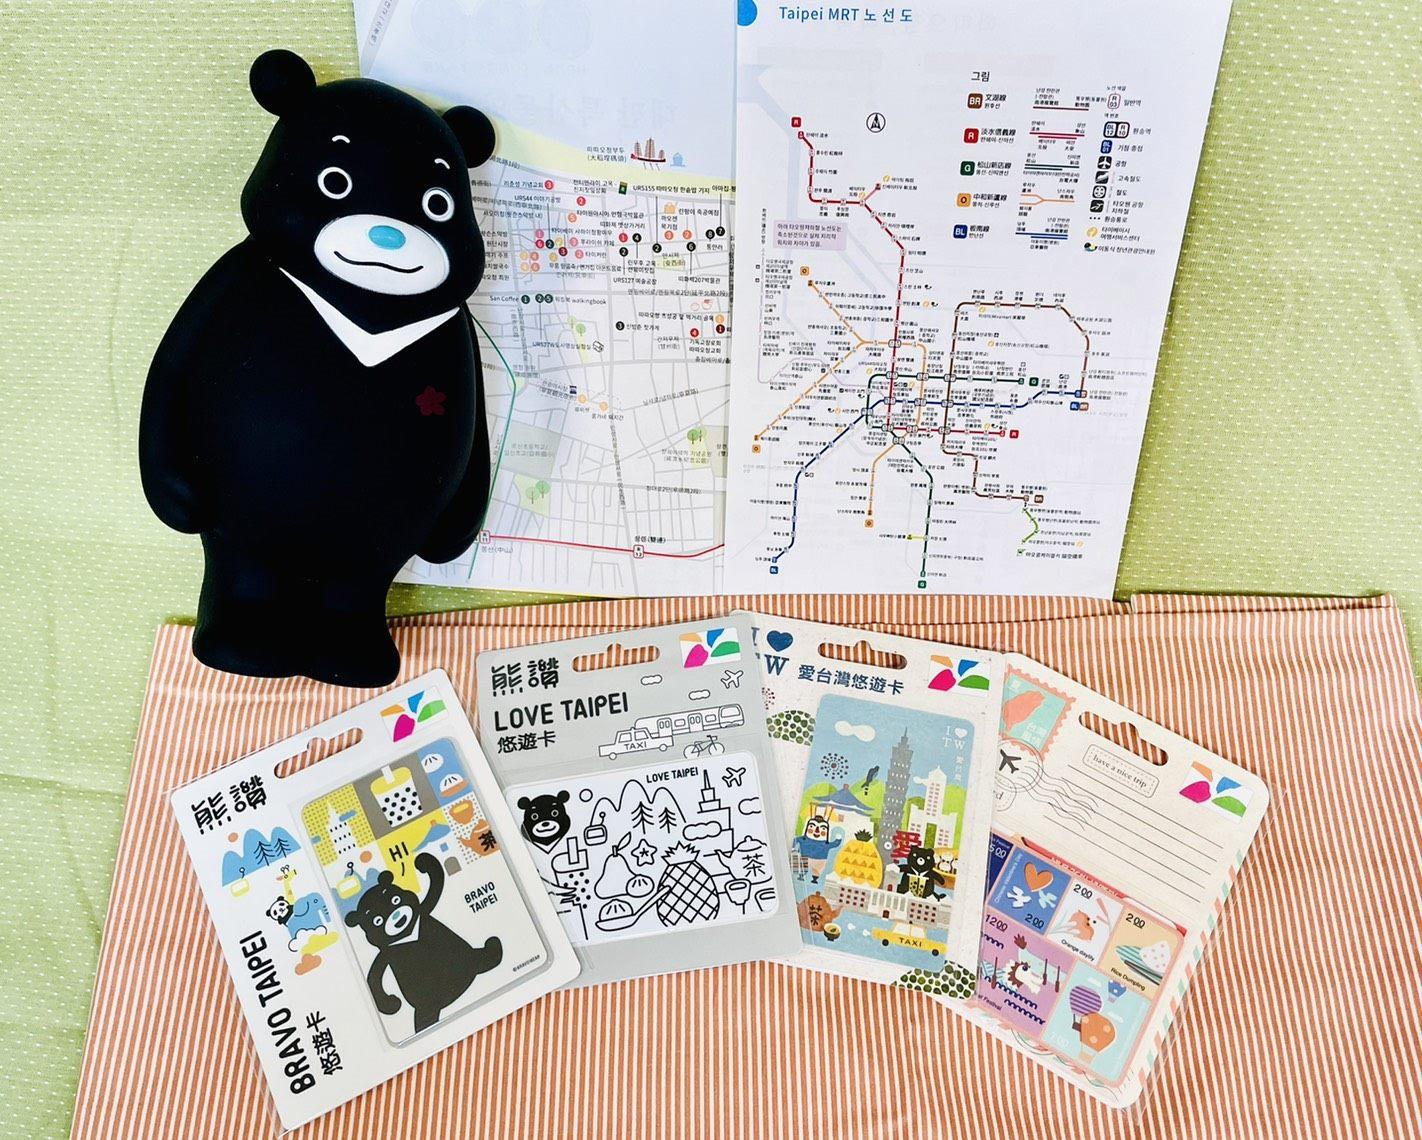 臺北意象悠遊卡讓旅客輕鬆玩臺北